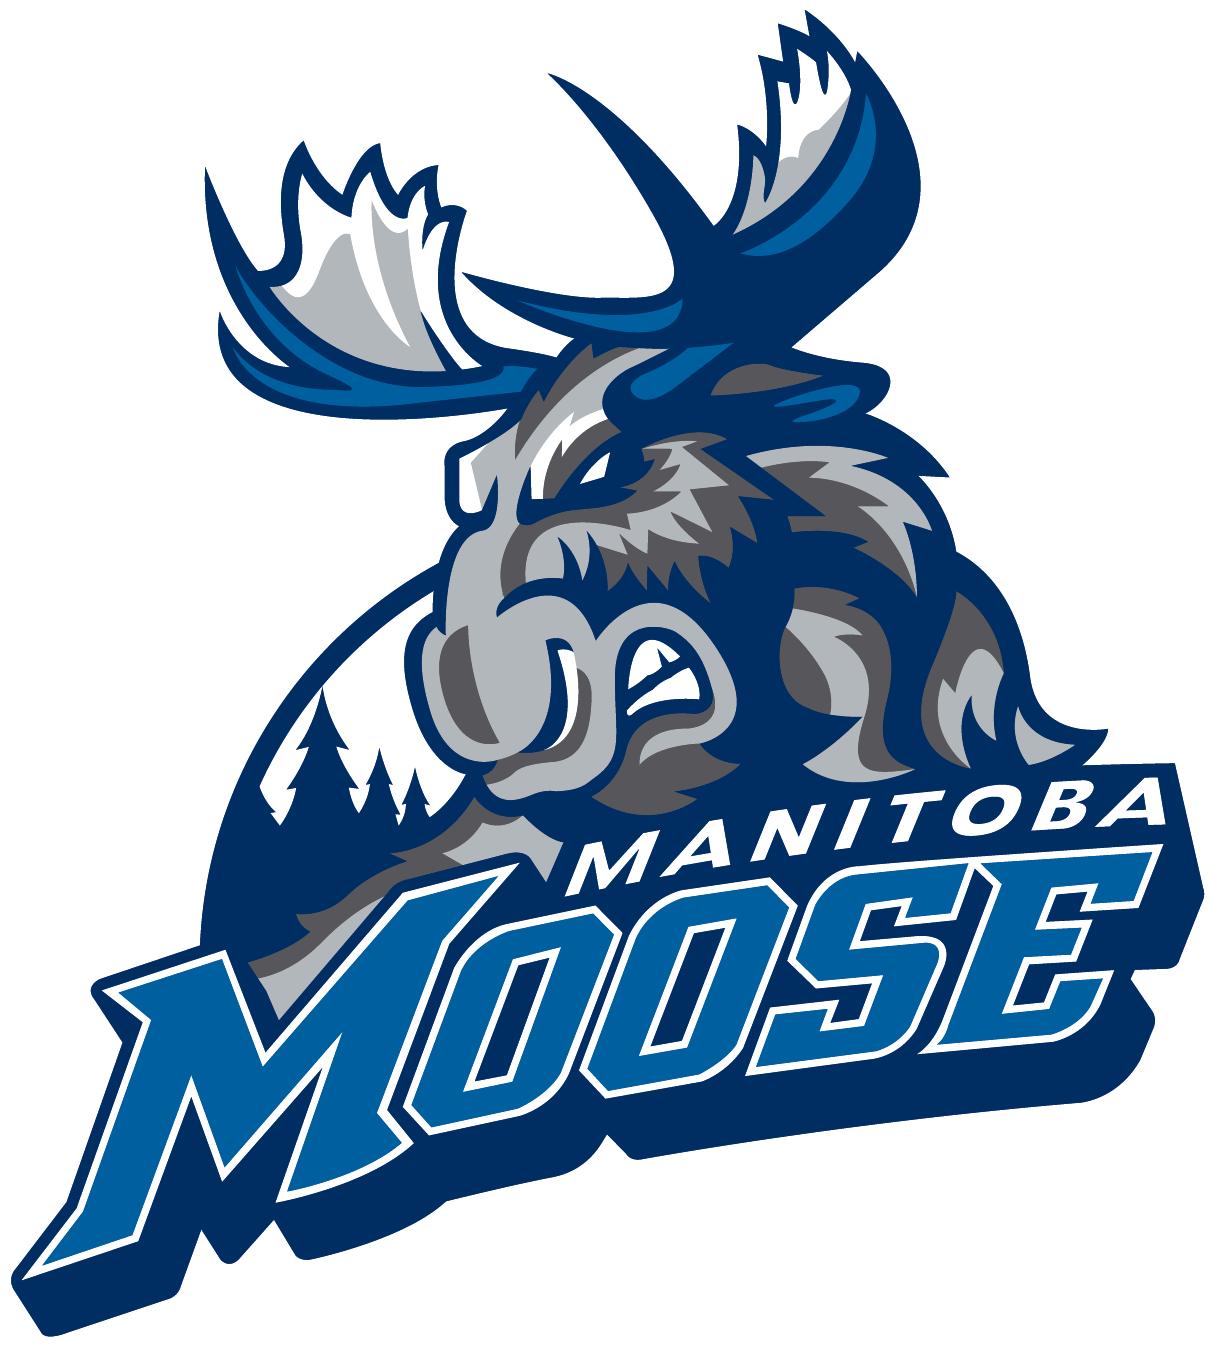 manitoba_moose_2015-16